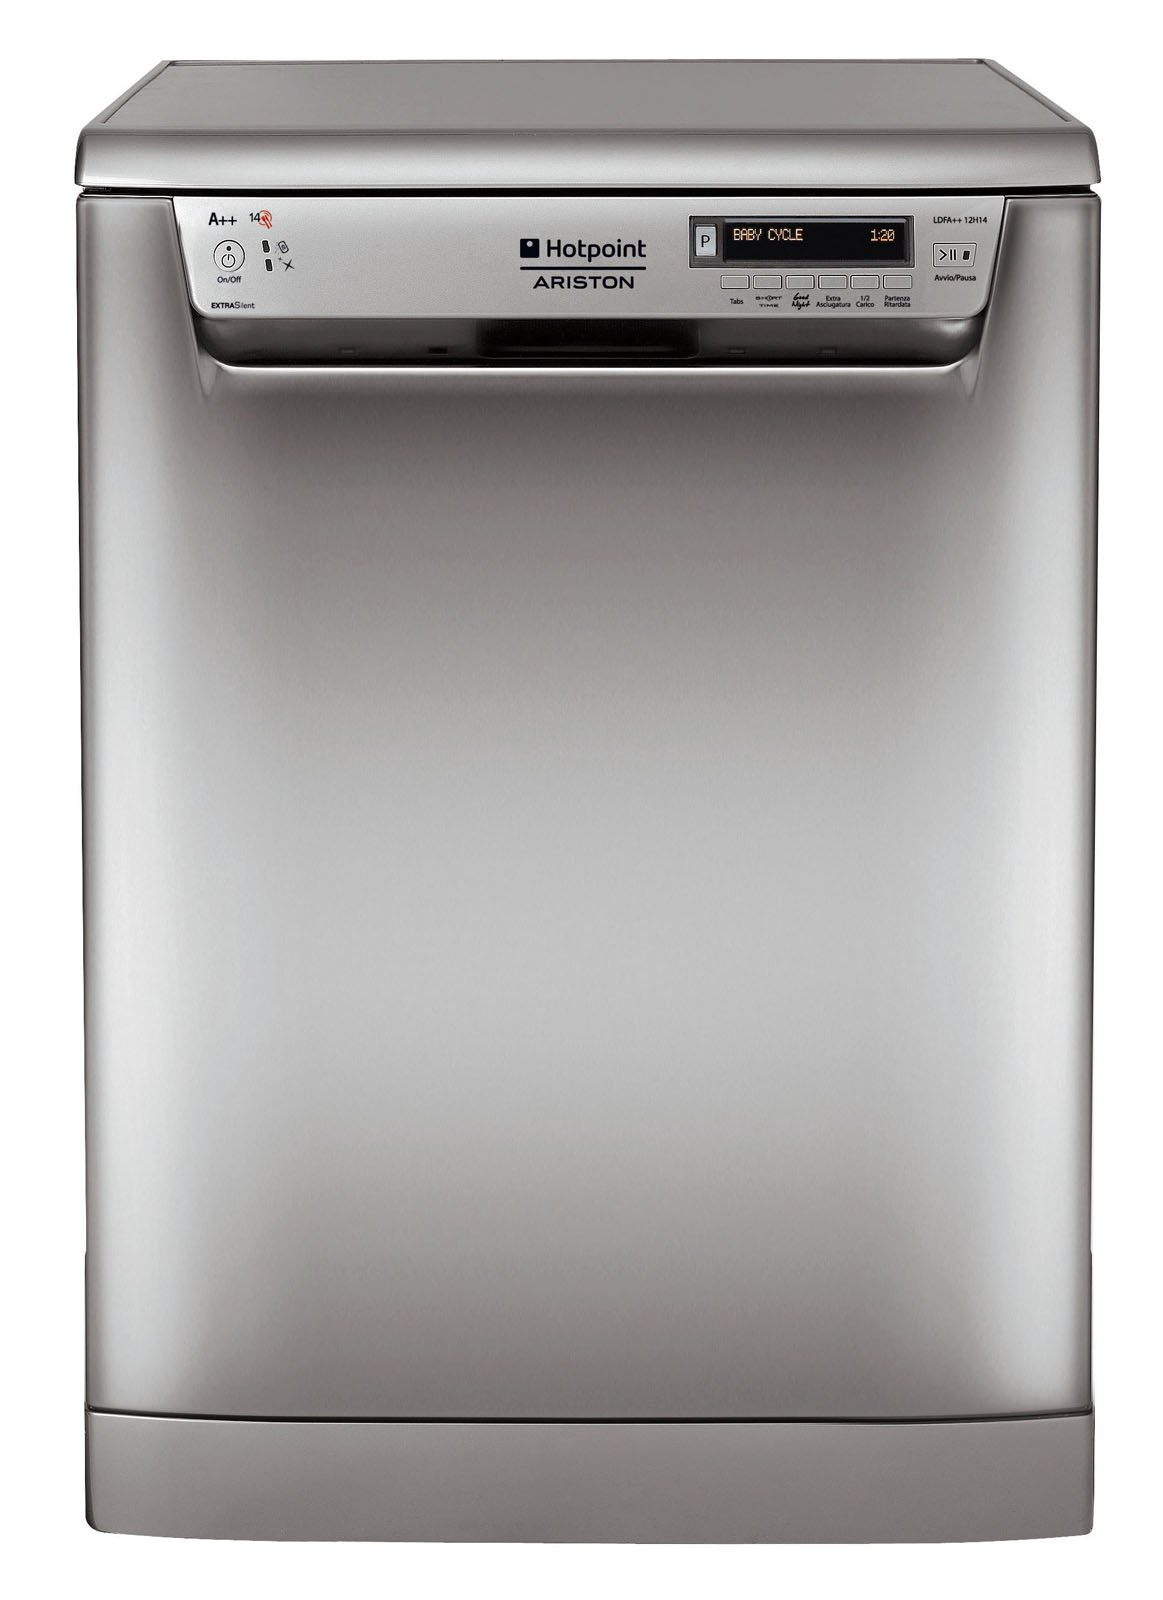 Lavastoviglie risparmiare acqua ed energia con la for Programmi lavastoviglie ariston